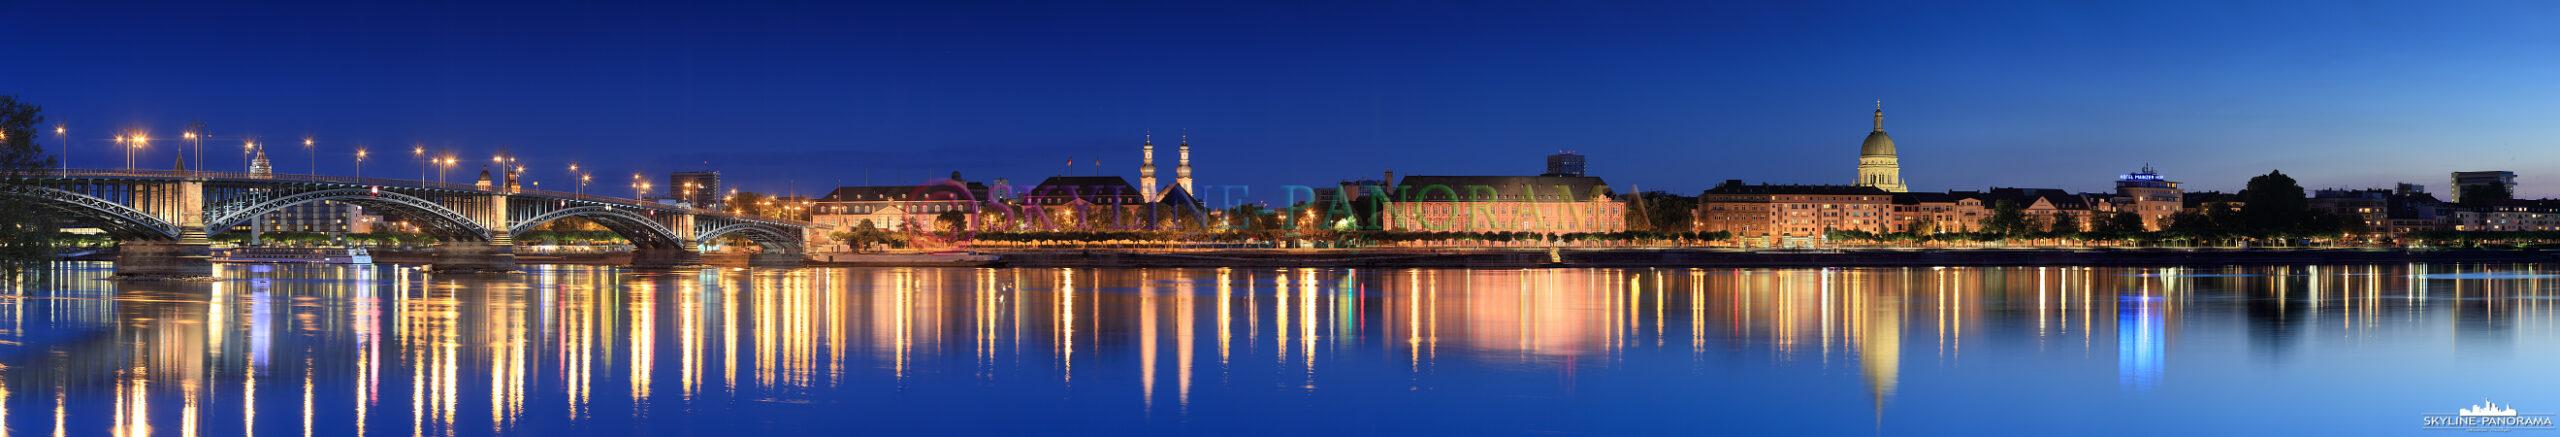 Die Stadtansicht von Mainz, der Landeshauptstadt des Bundeslandes Rheinland-Pfalz, zur Blauenstunde mit einem spiegelglatten Rhein von Mainz-Kastel aus gesehen.